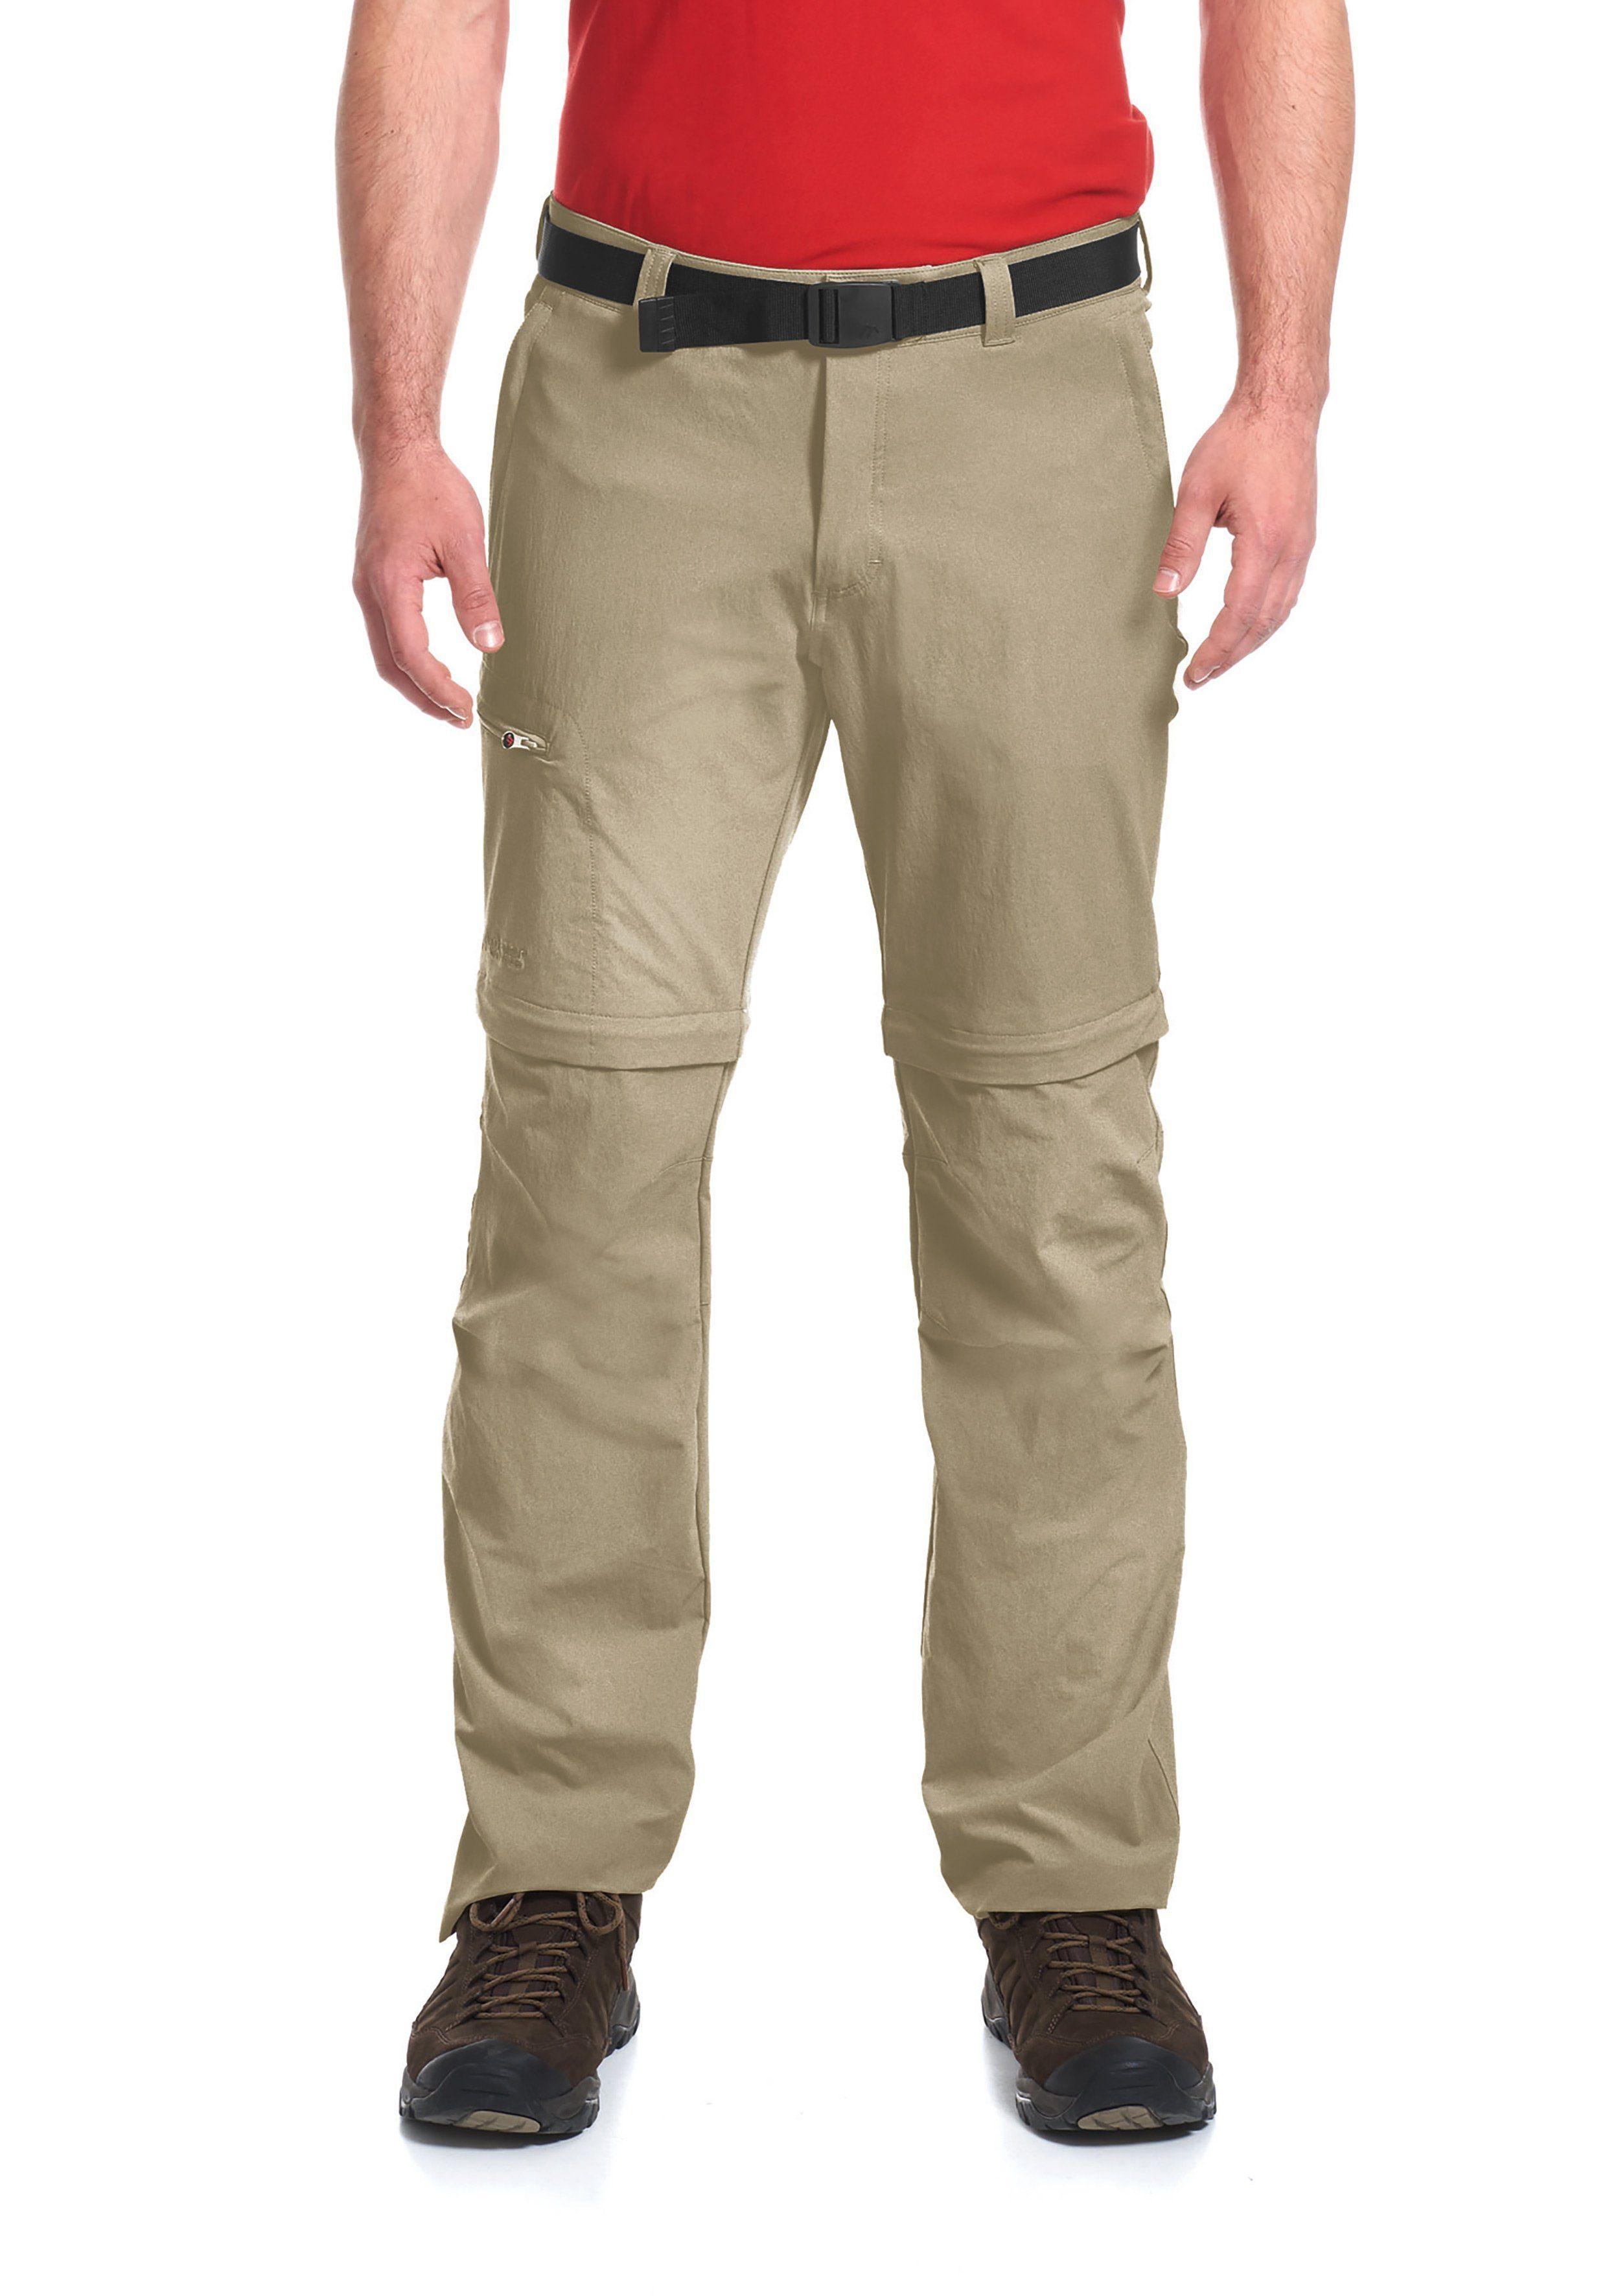 Tajo Trekkinghose Wanderhose Outdoorhose Hose Off Zipp 2